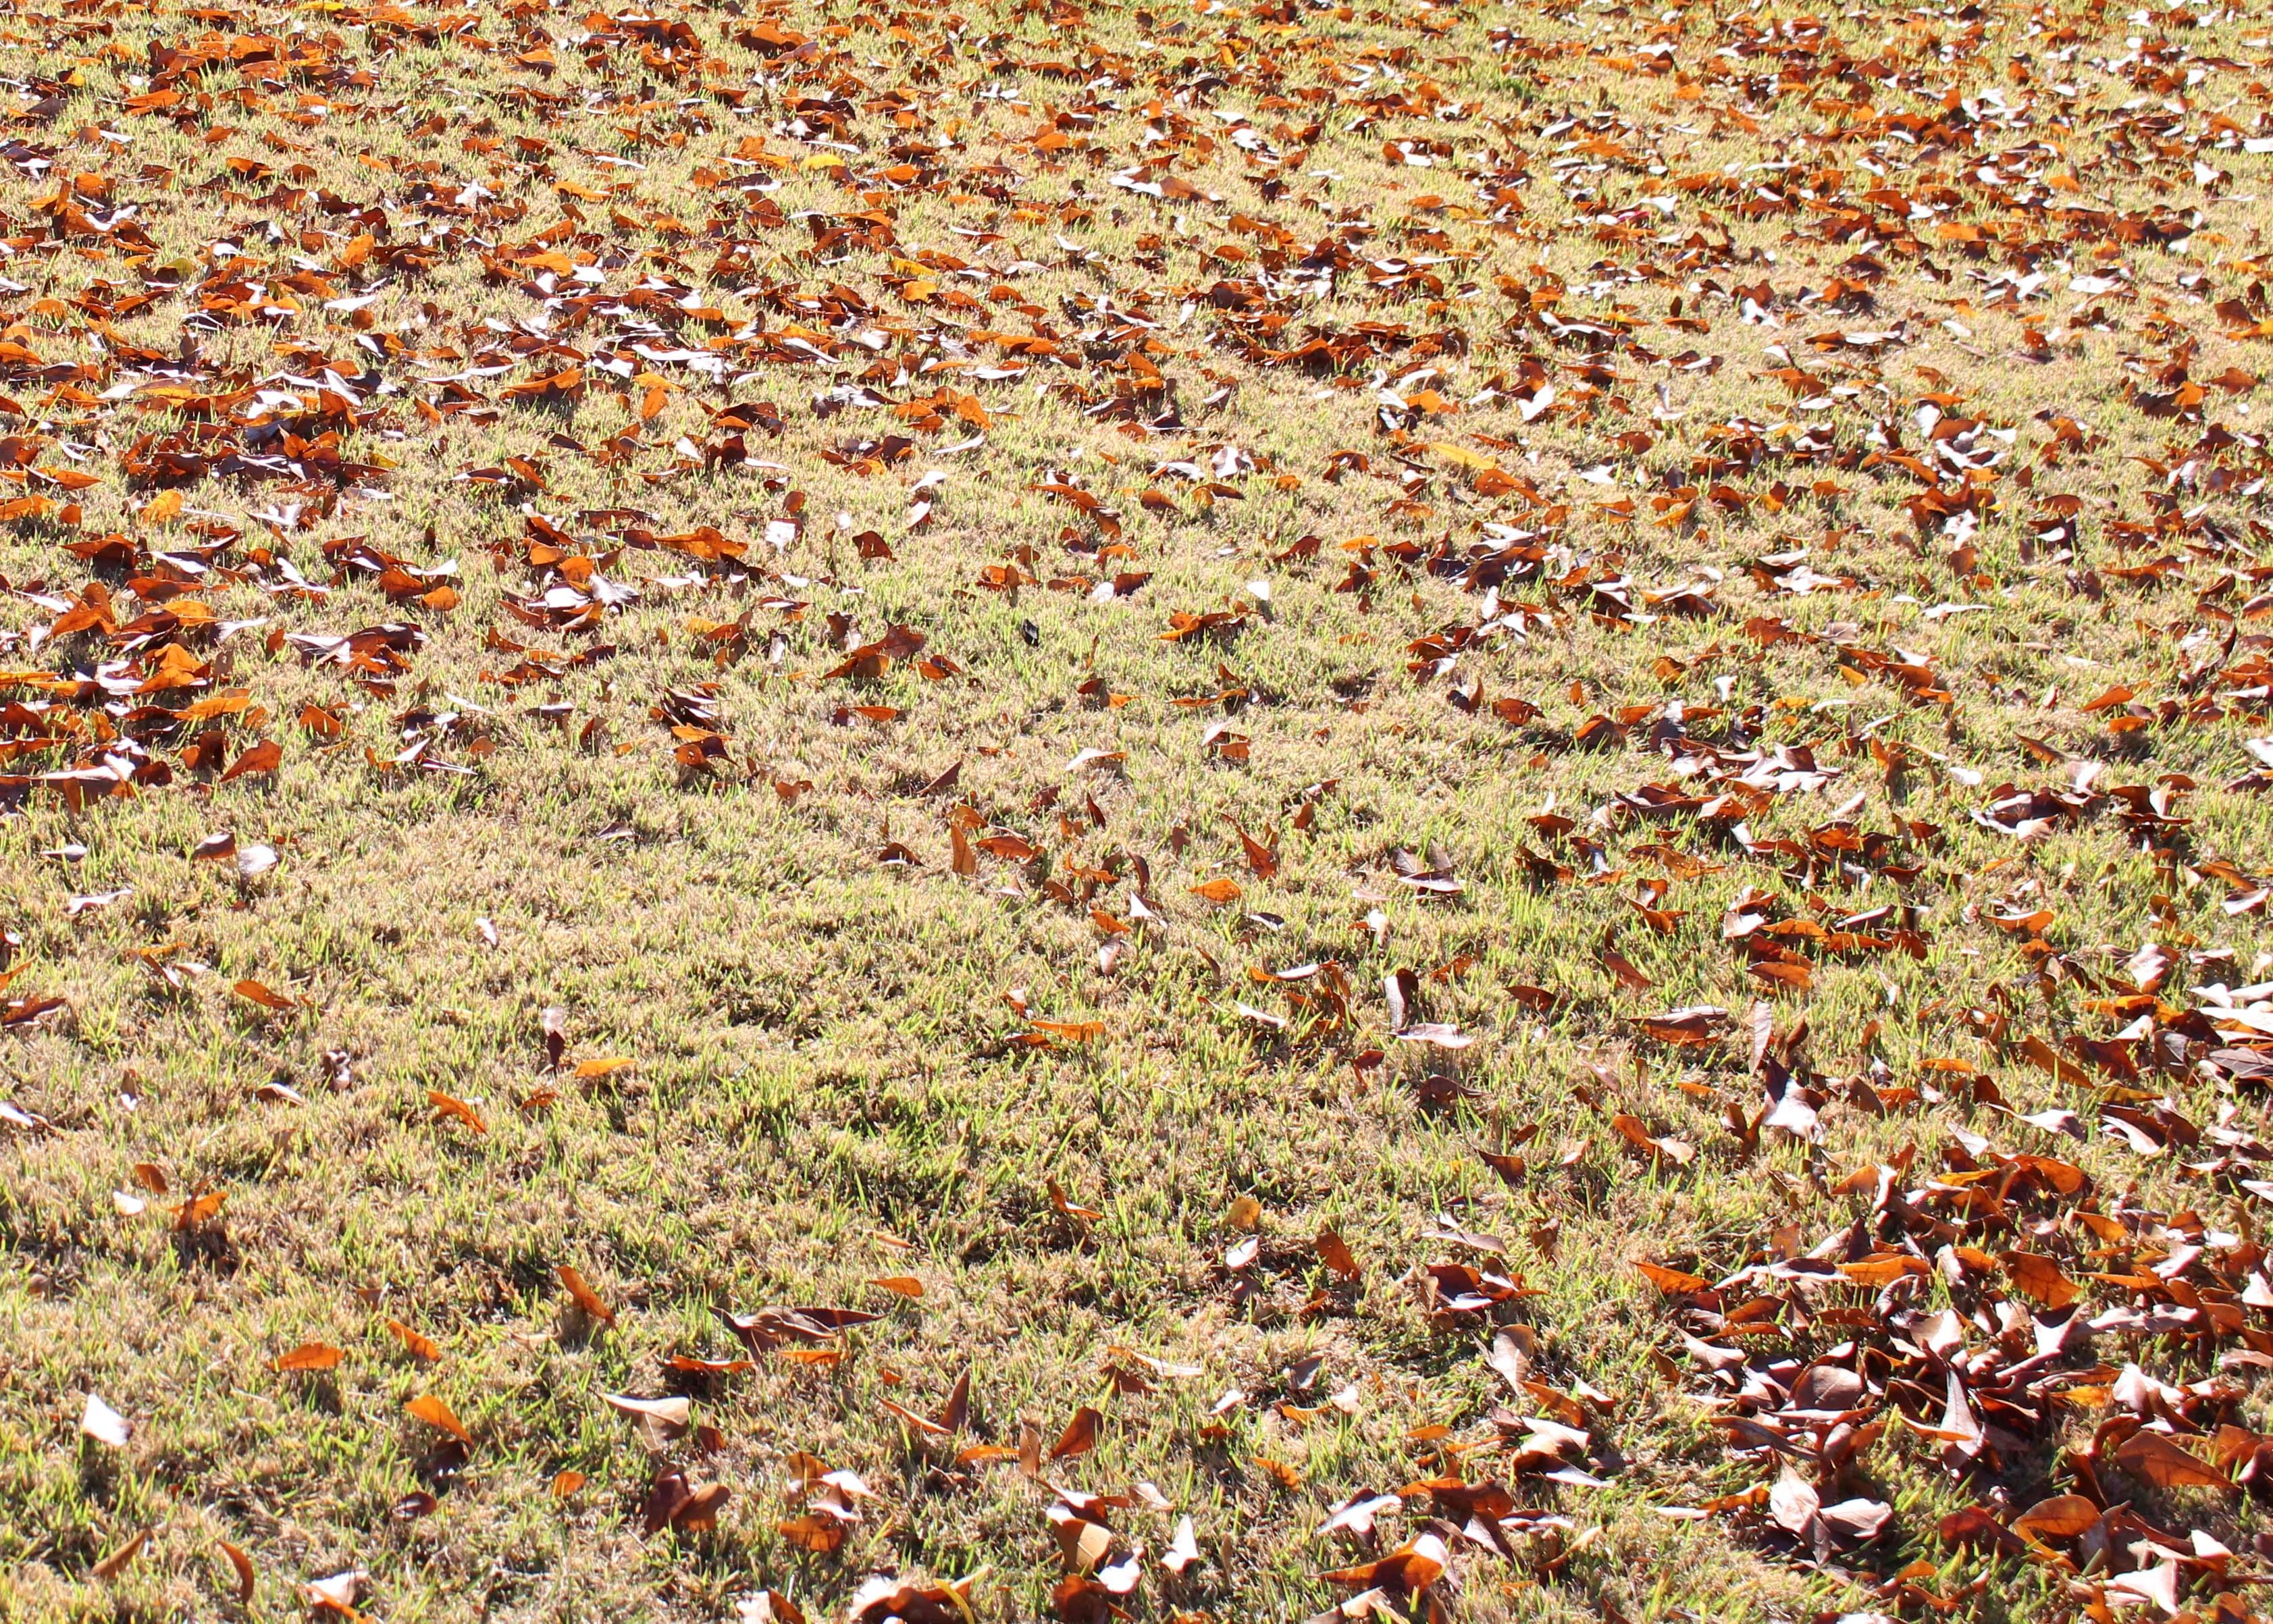 leaves_on_the_lawn_2.jpg